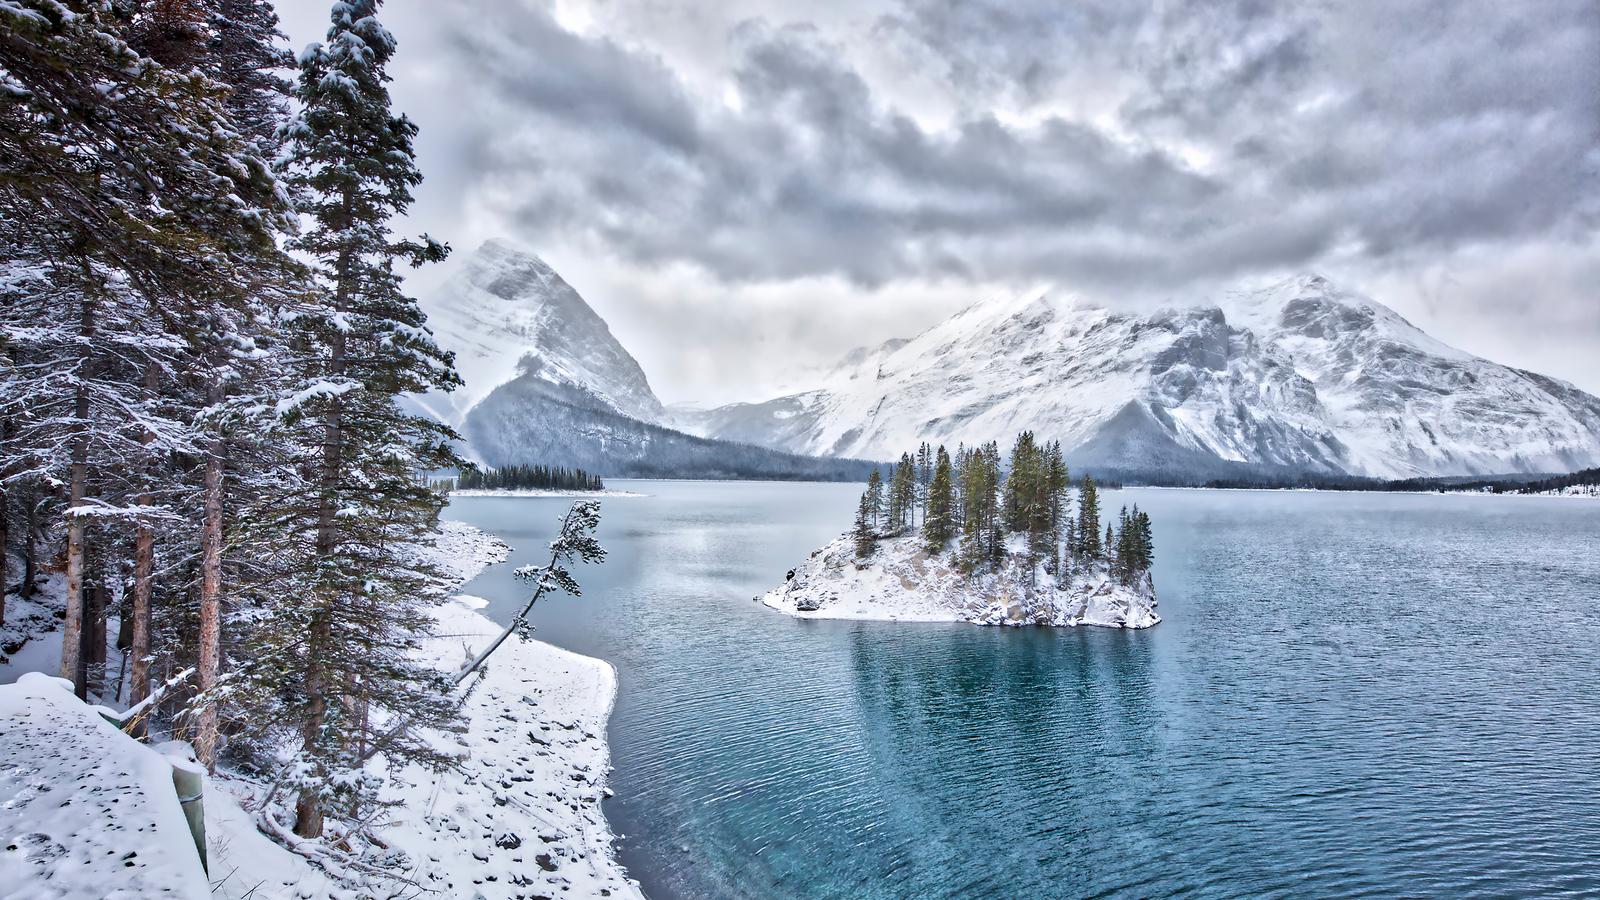 winter-wonderland-4k-wl.jpg